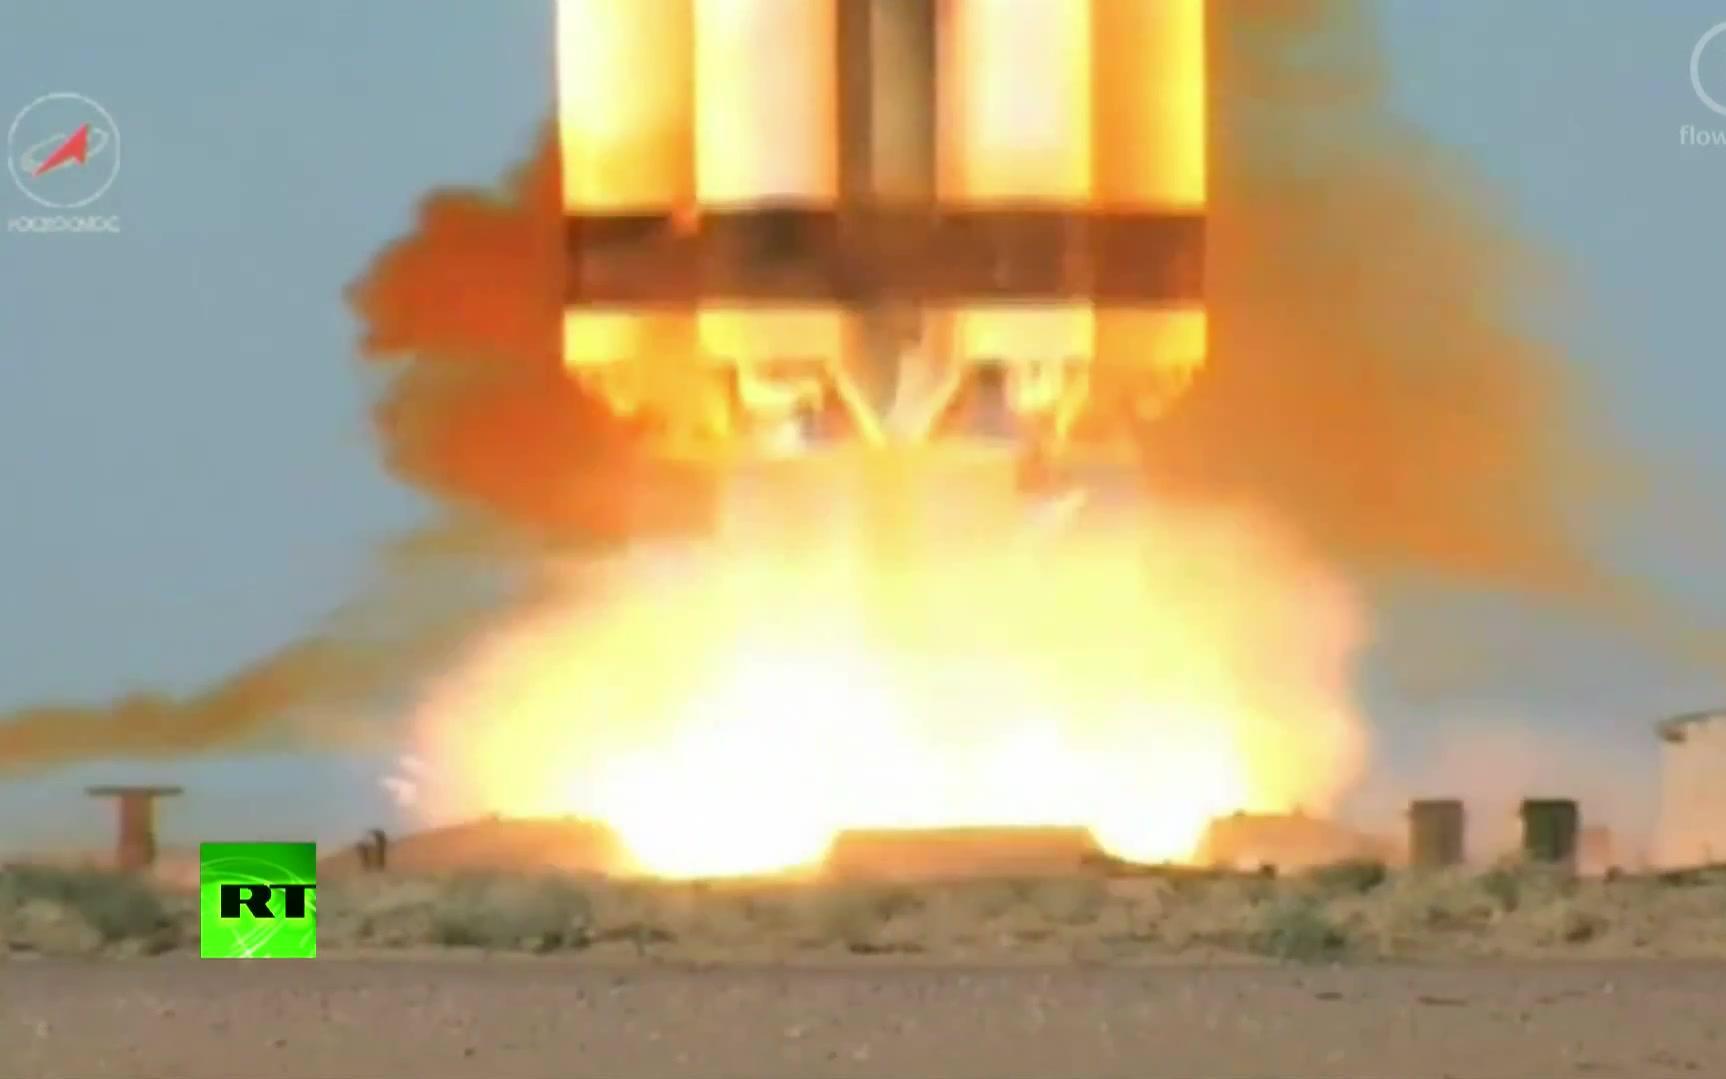 水火箭发射架制作_俄罗斯质子(M)运载火箭发射_哔哩哔哩 (゜-゜)つロ 干杯~-bilibili